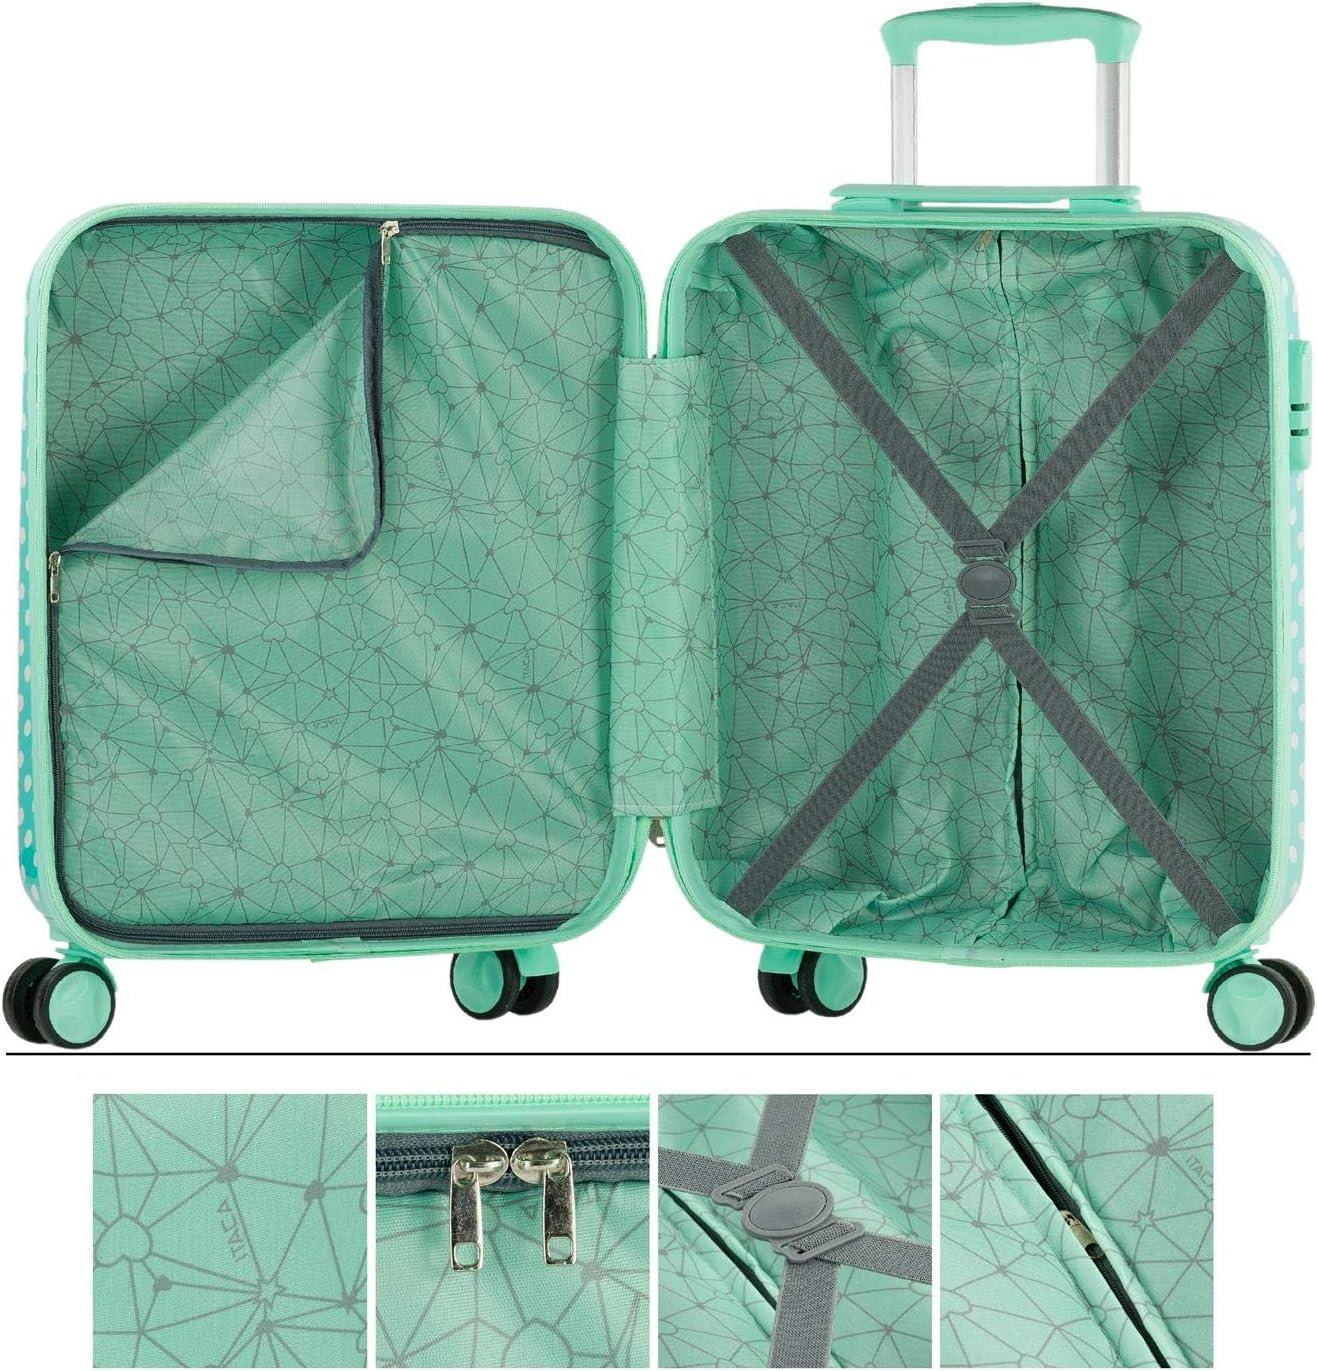 702435 Color Talpe di menta Qualit/à e design N/écessaire grande di viaggio in policarbonato stampato Borsa da bagno con specchio Infantile giovanile Parte di un set di valigie ITACA